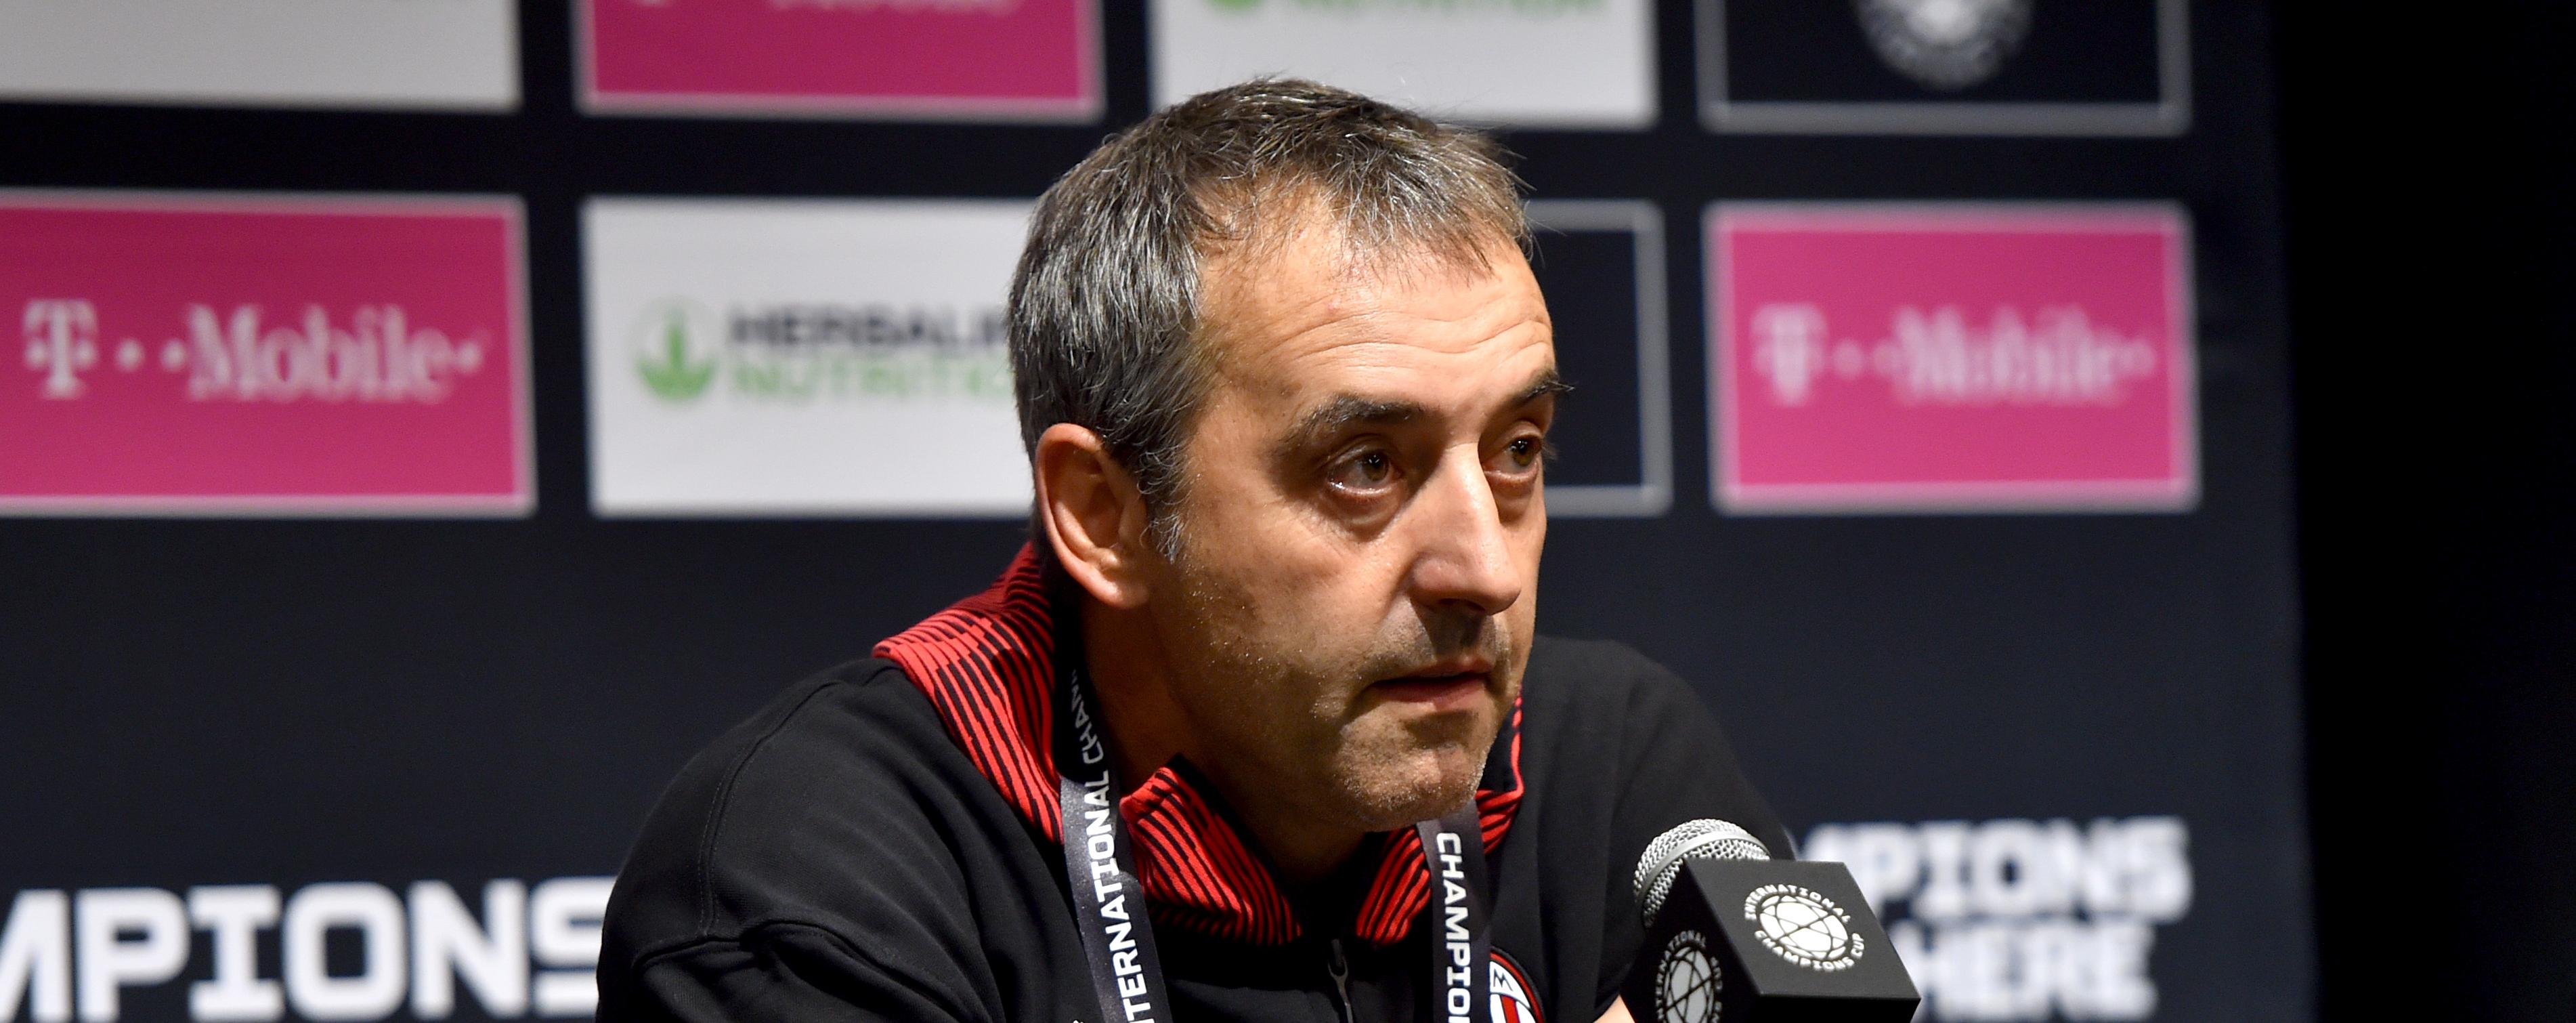 Calciomercato Milan, dal sogno Modric a Correa e Cutrone: tutte le trattative